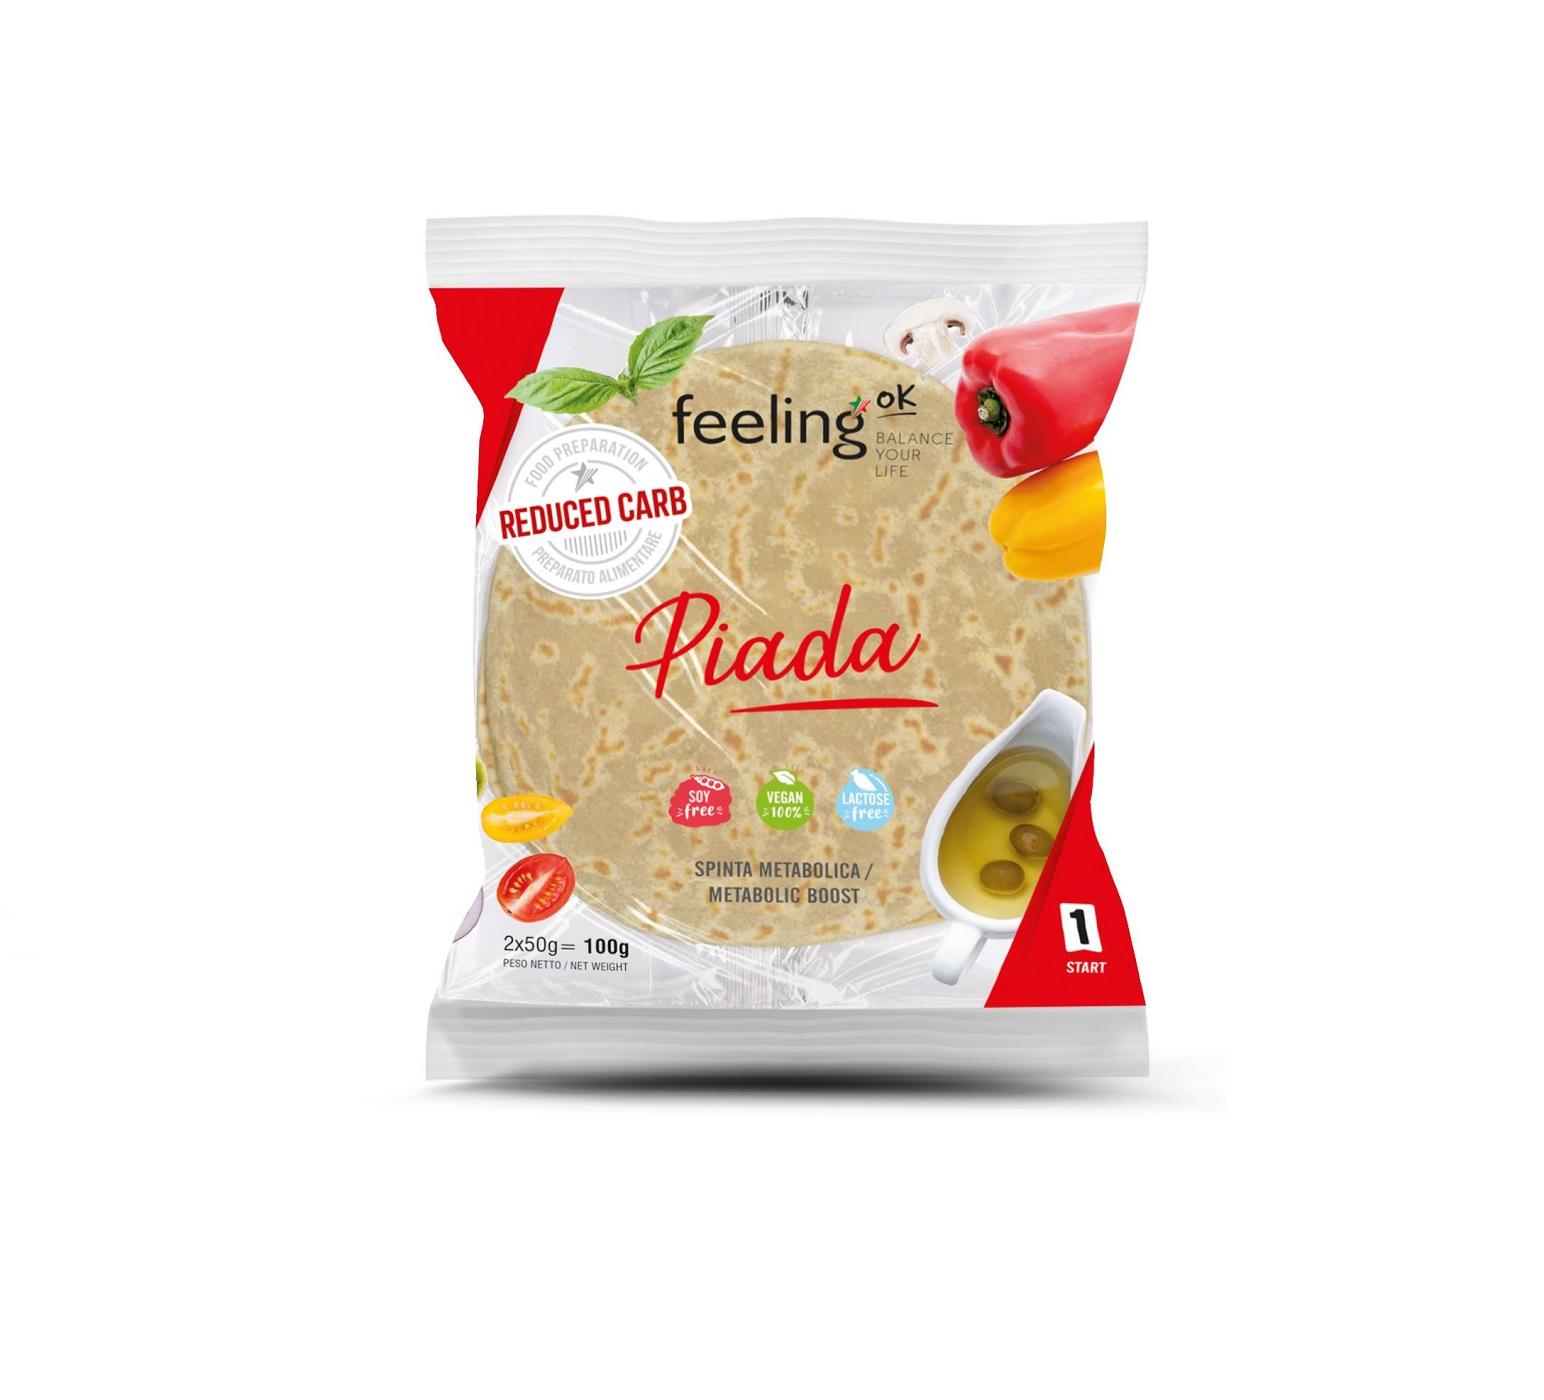 FeelingOK Protein Wrap Piadina Start 1 100g